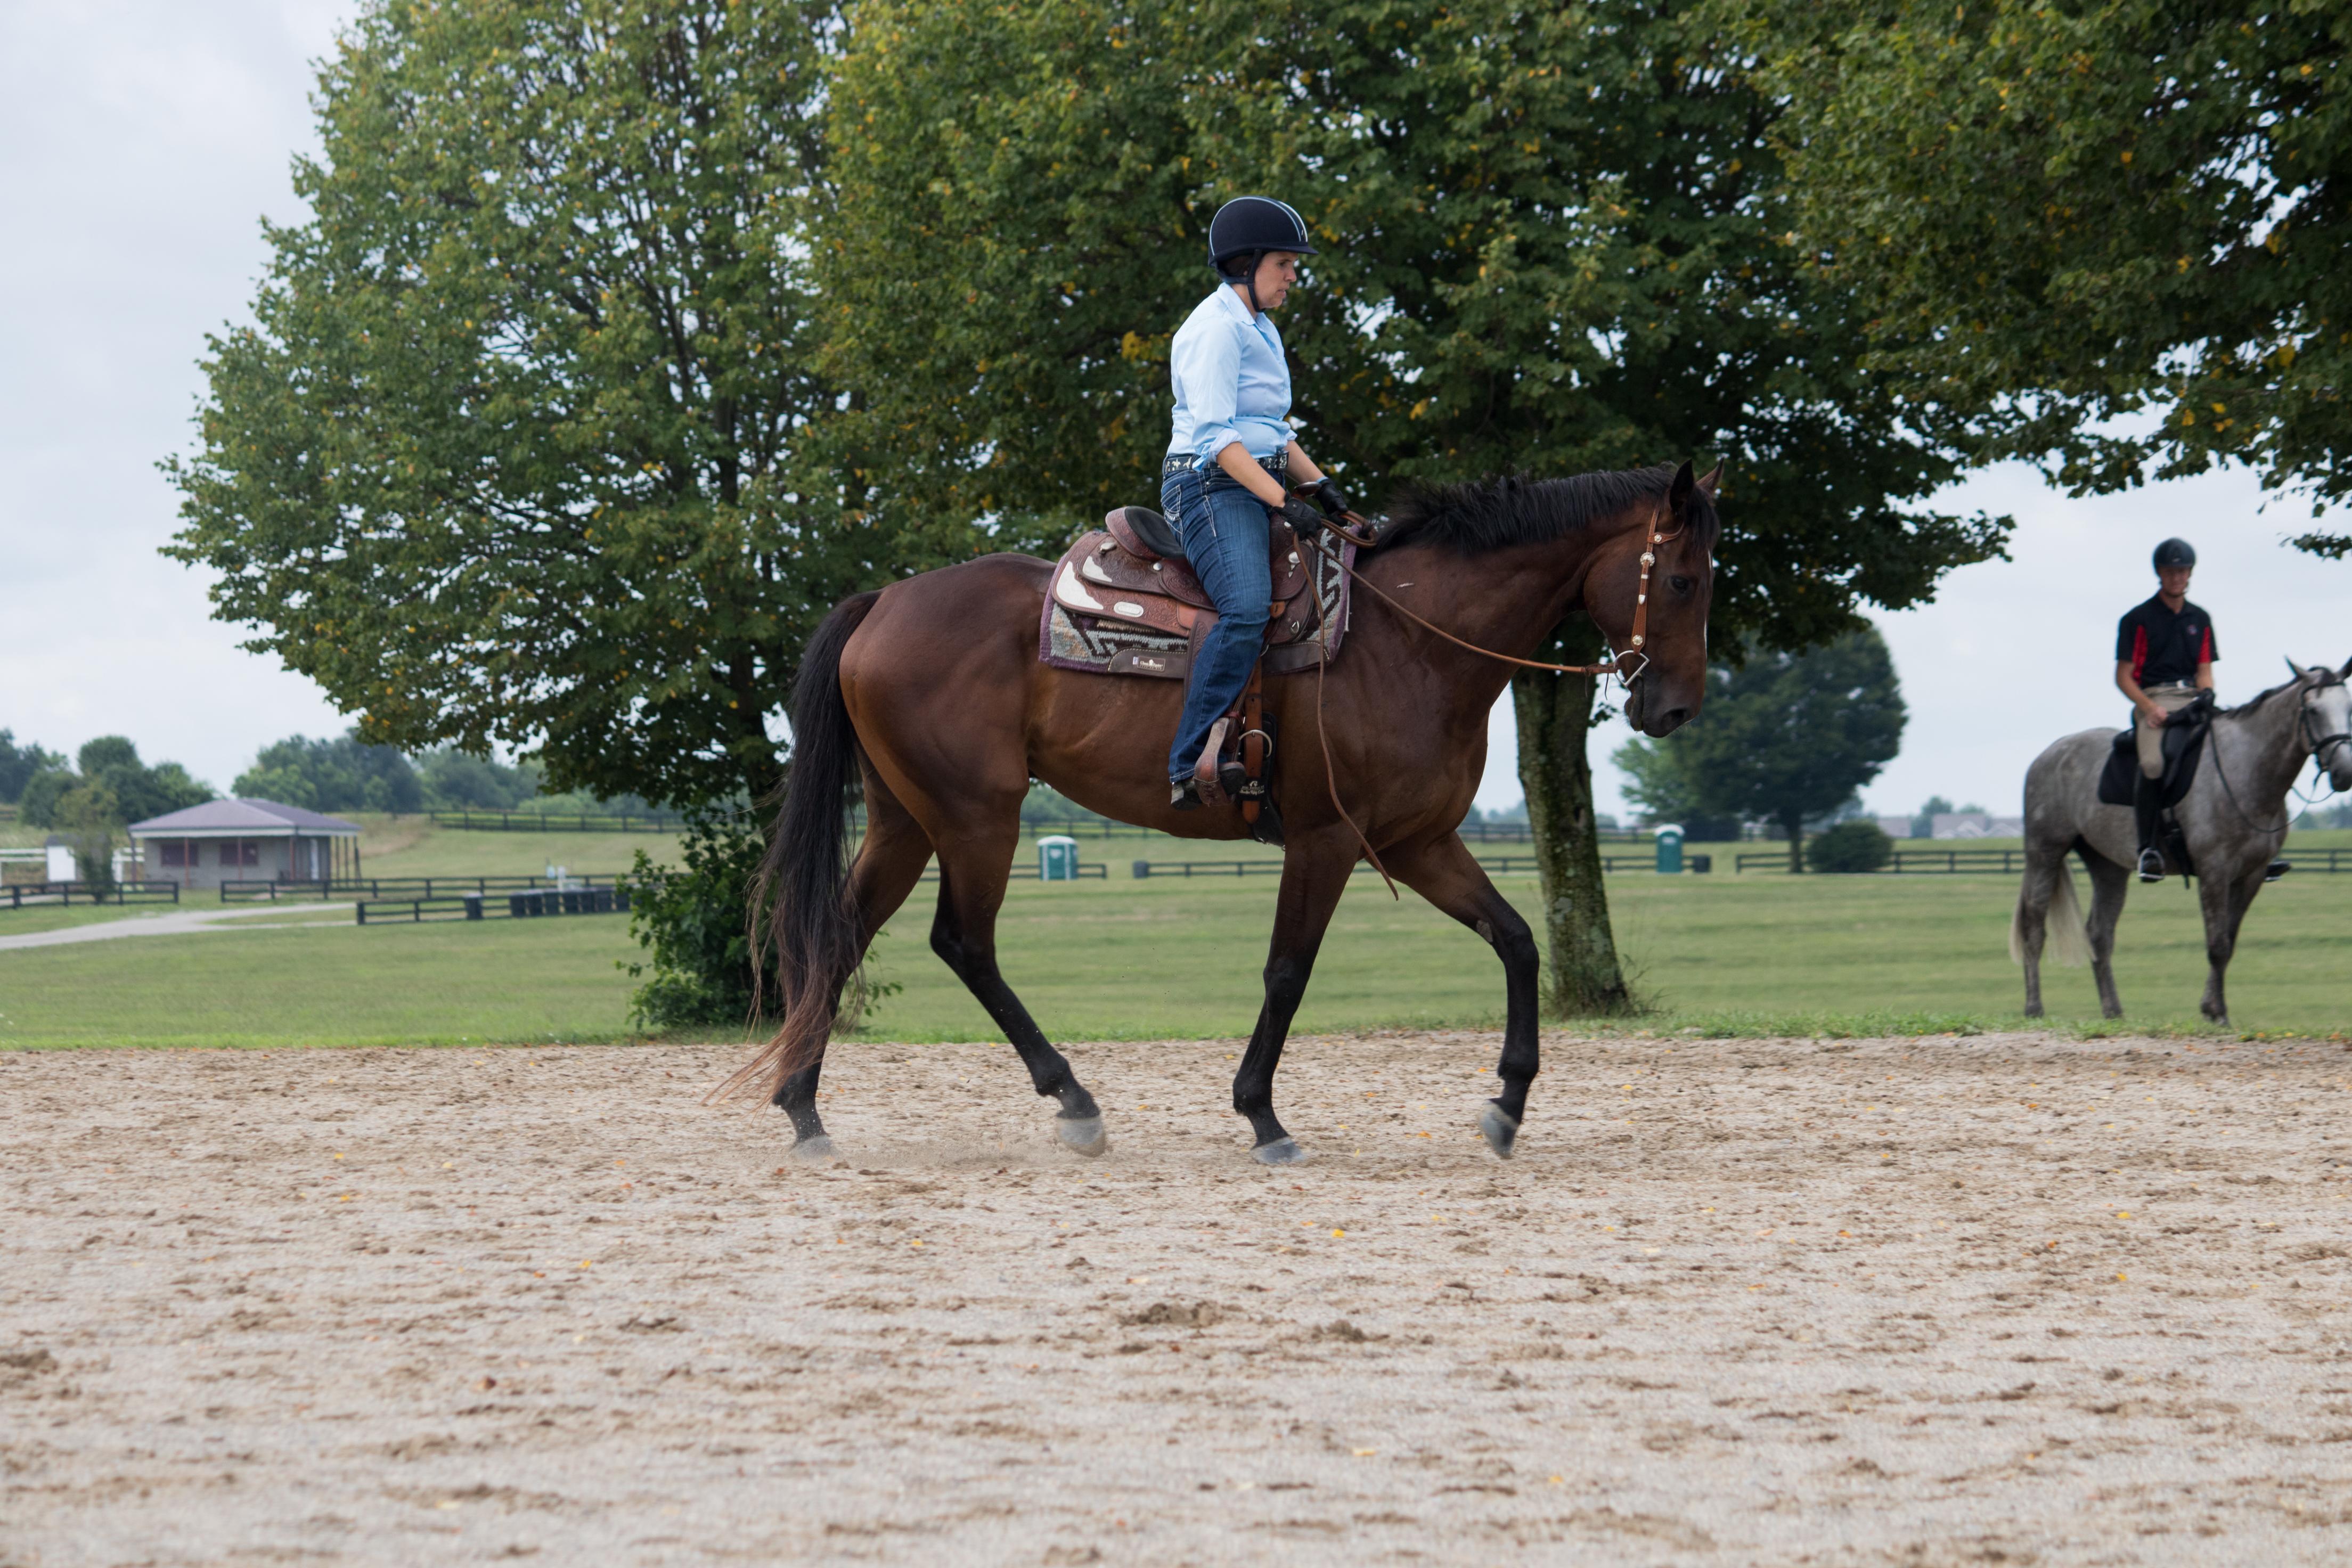 Adestramento ocidental: por que tentei (e adorei!) 2